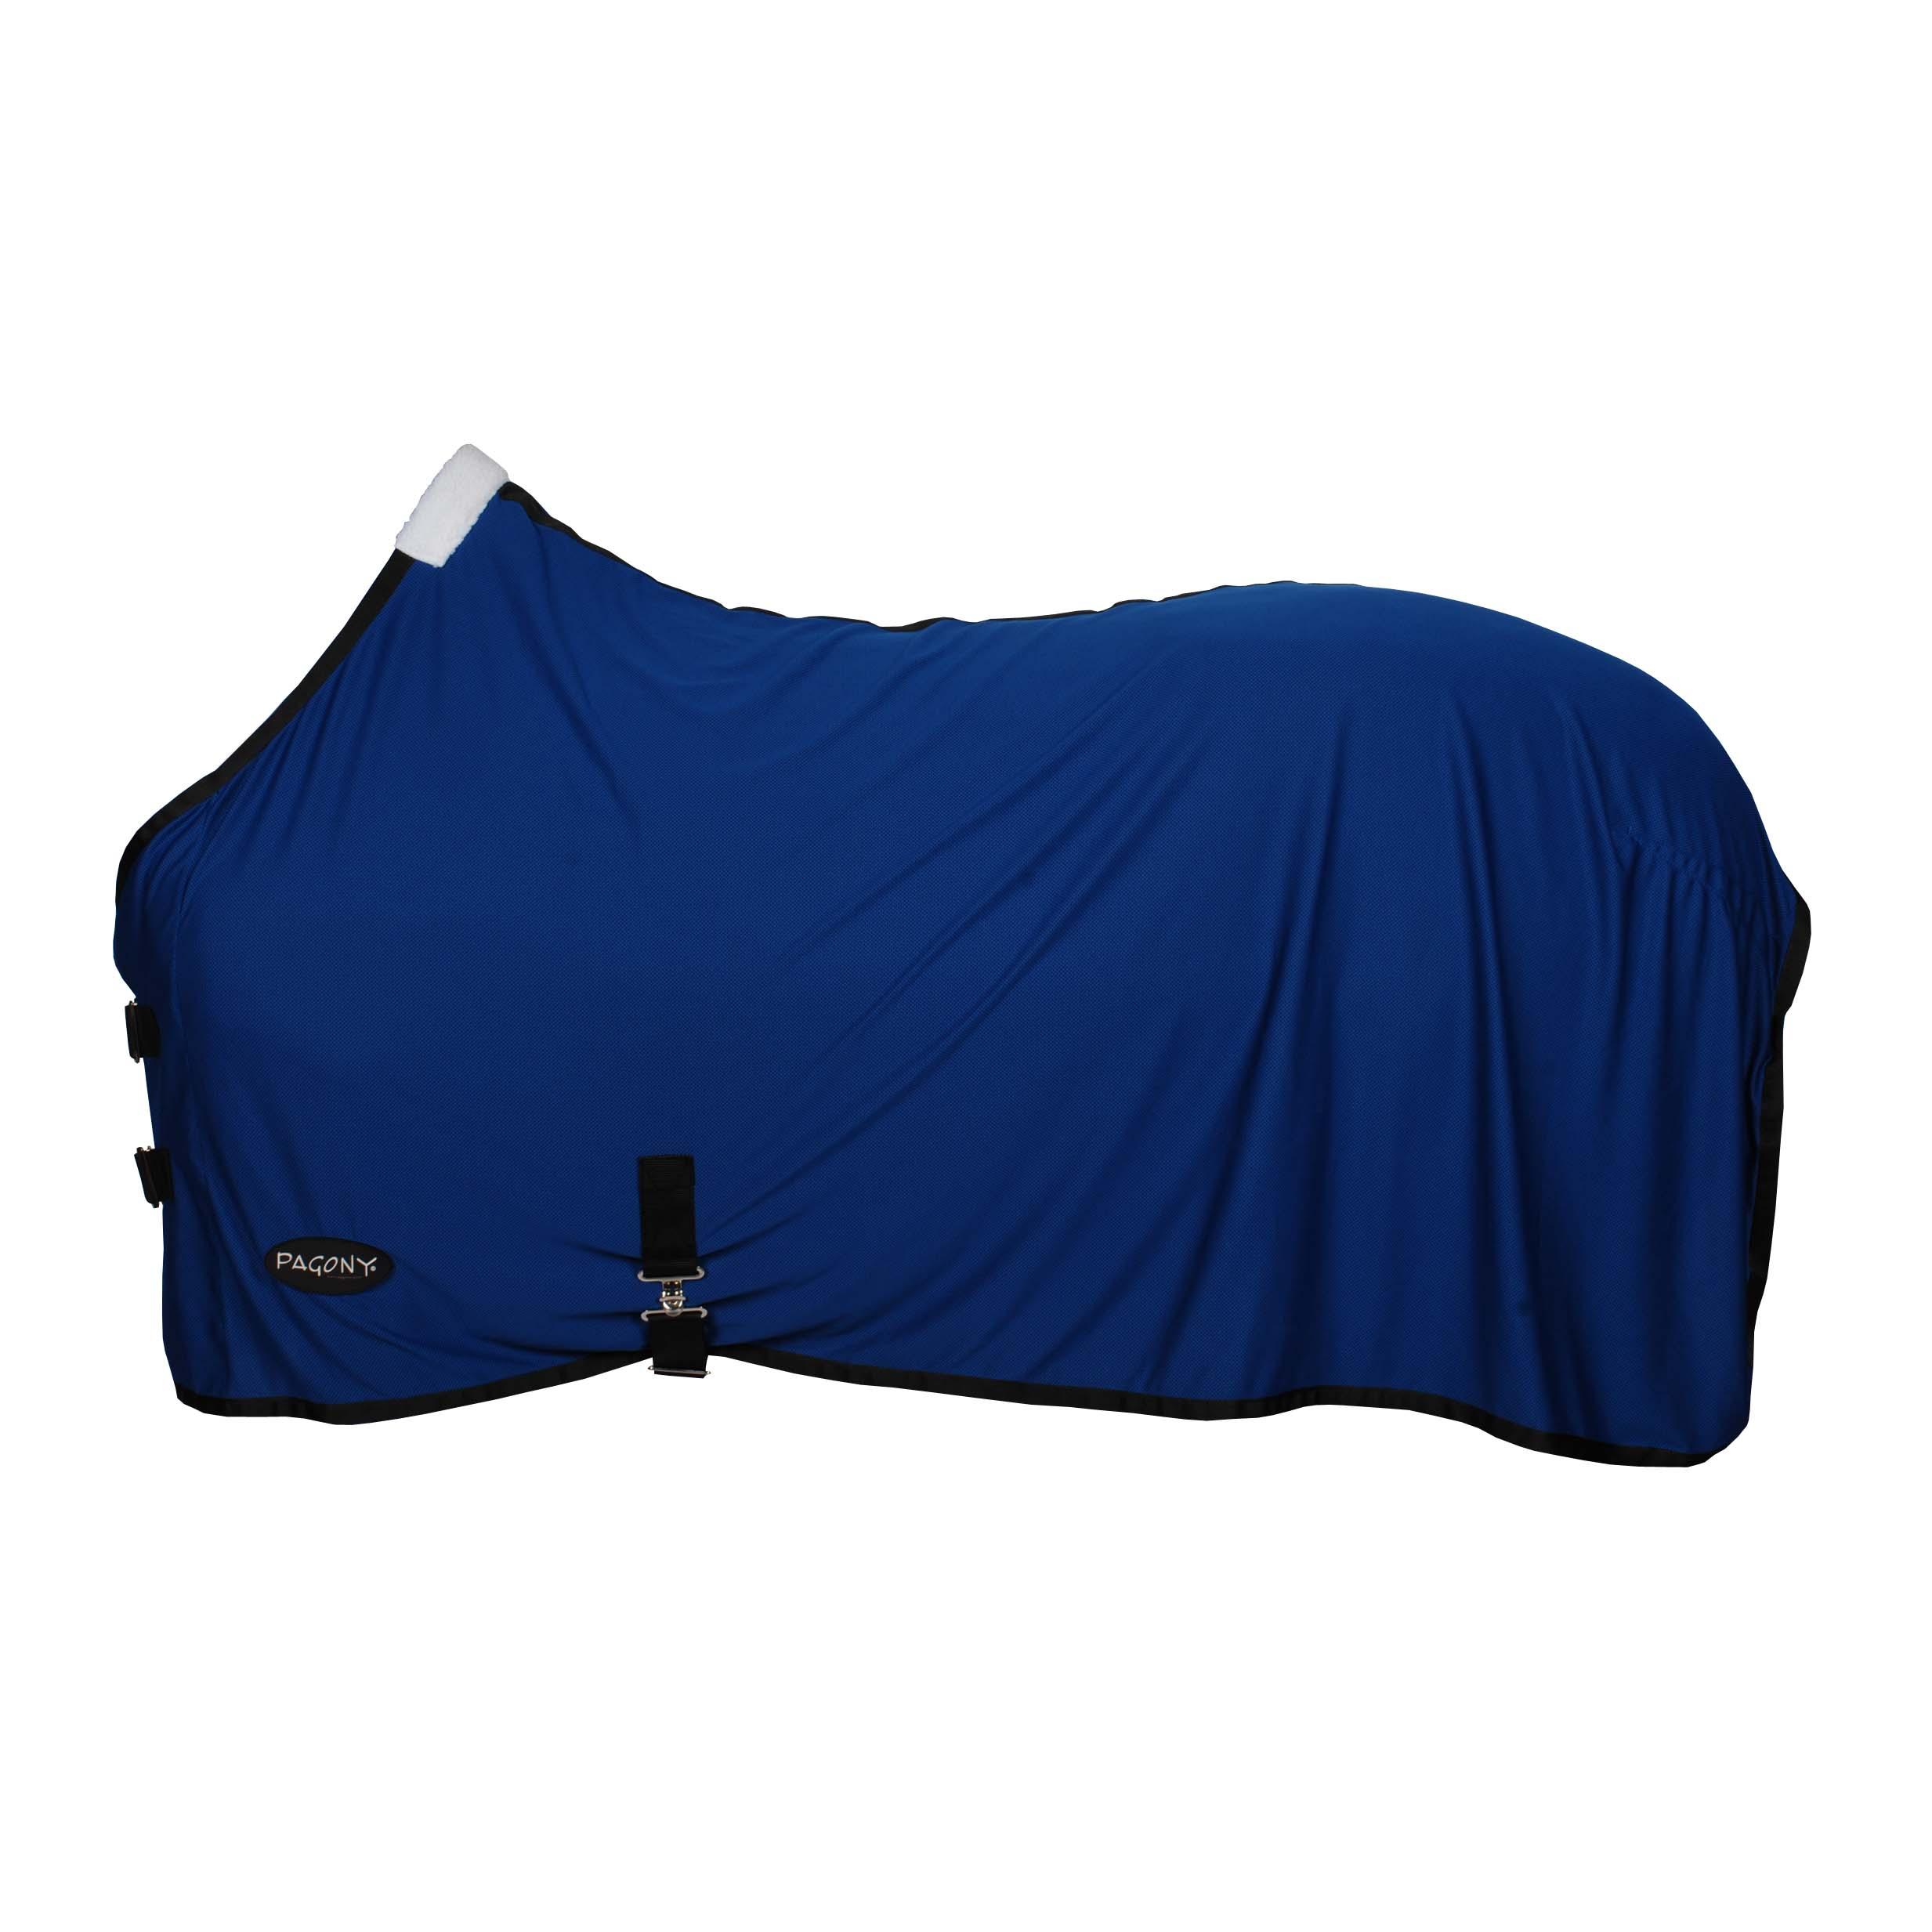 Pagony Cooler deken kobalt maat:205